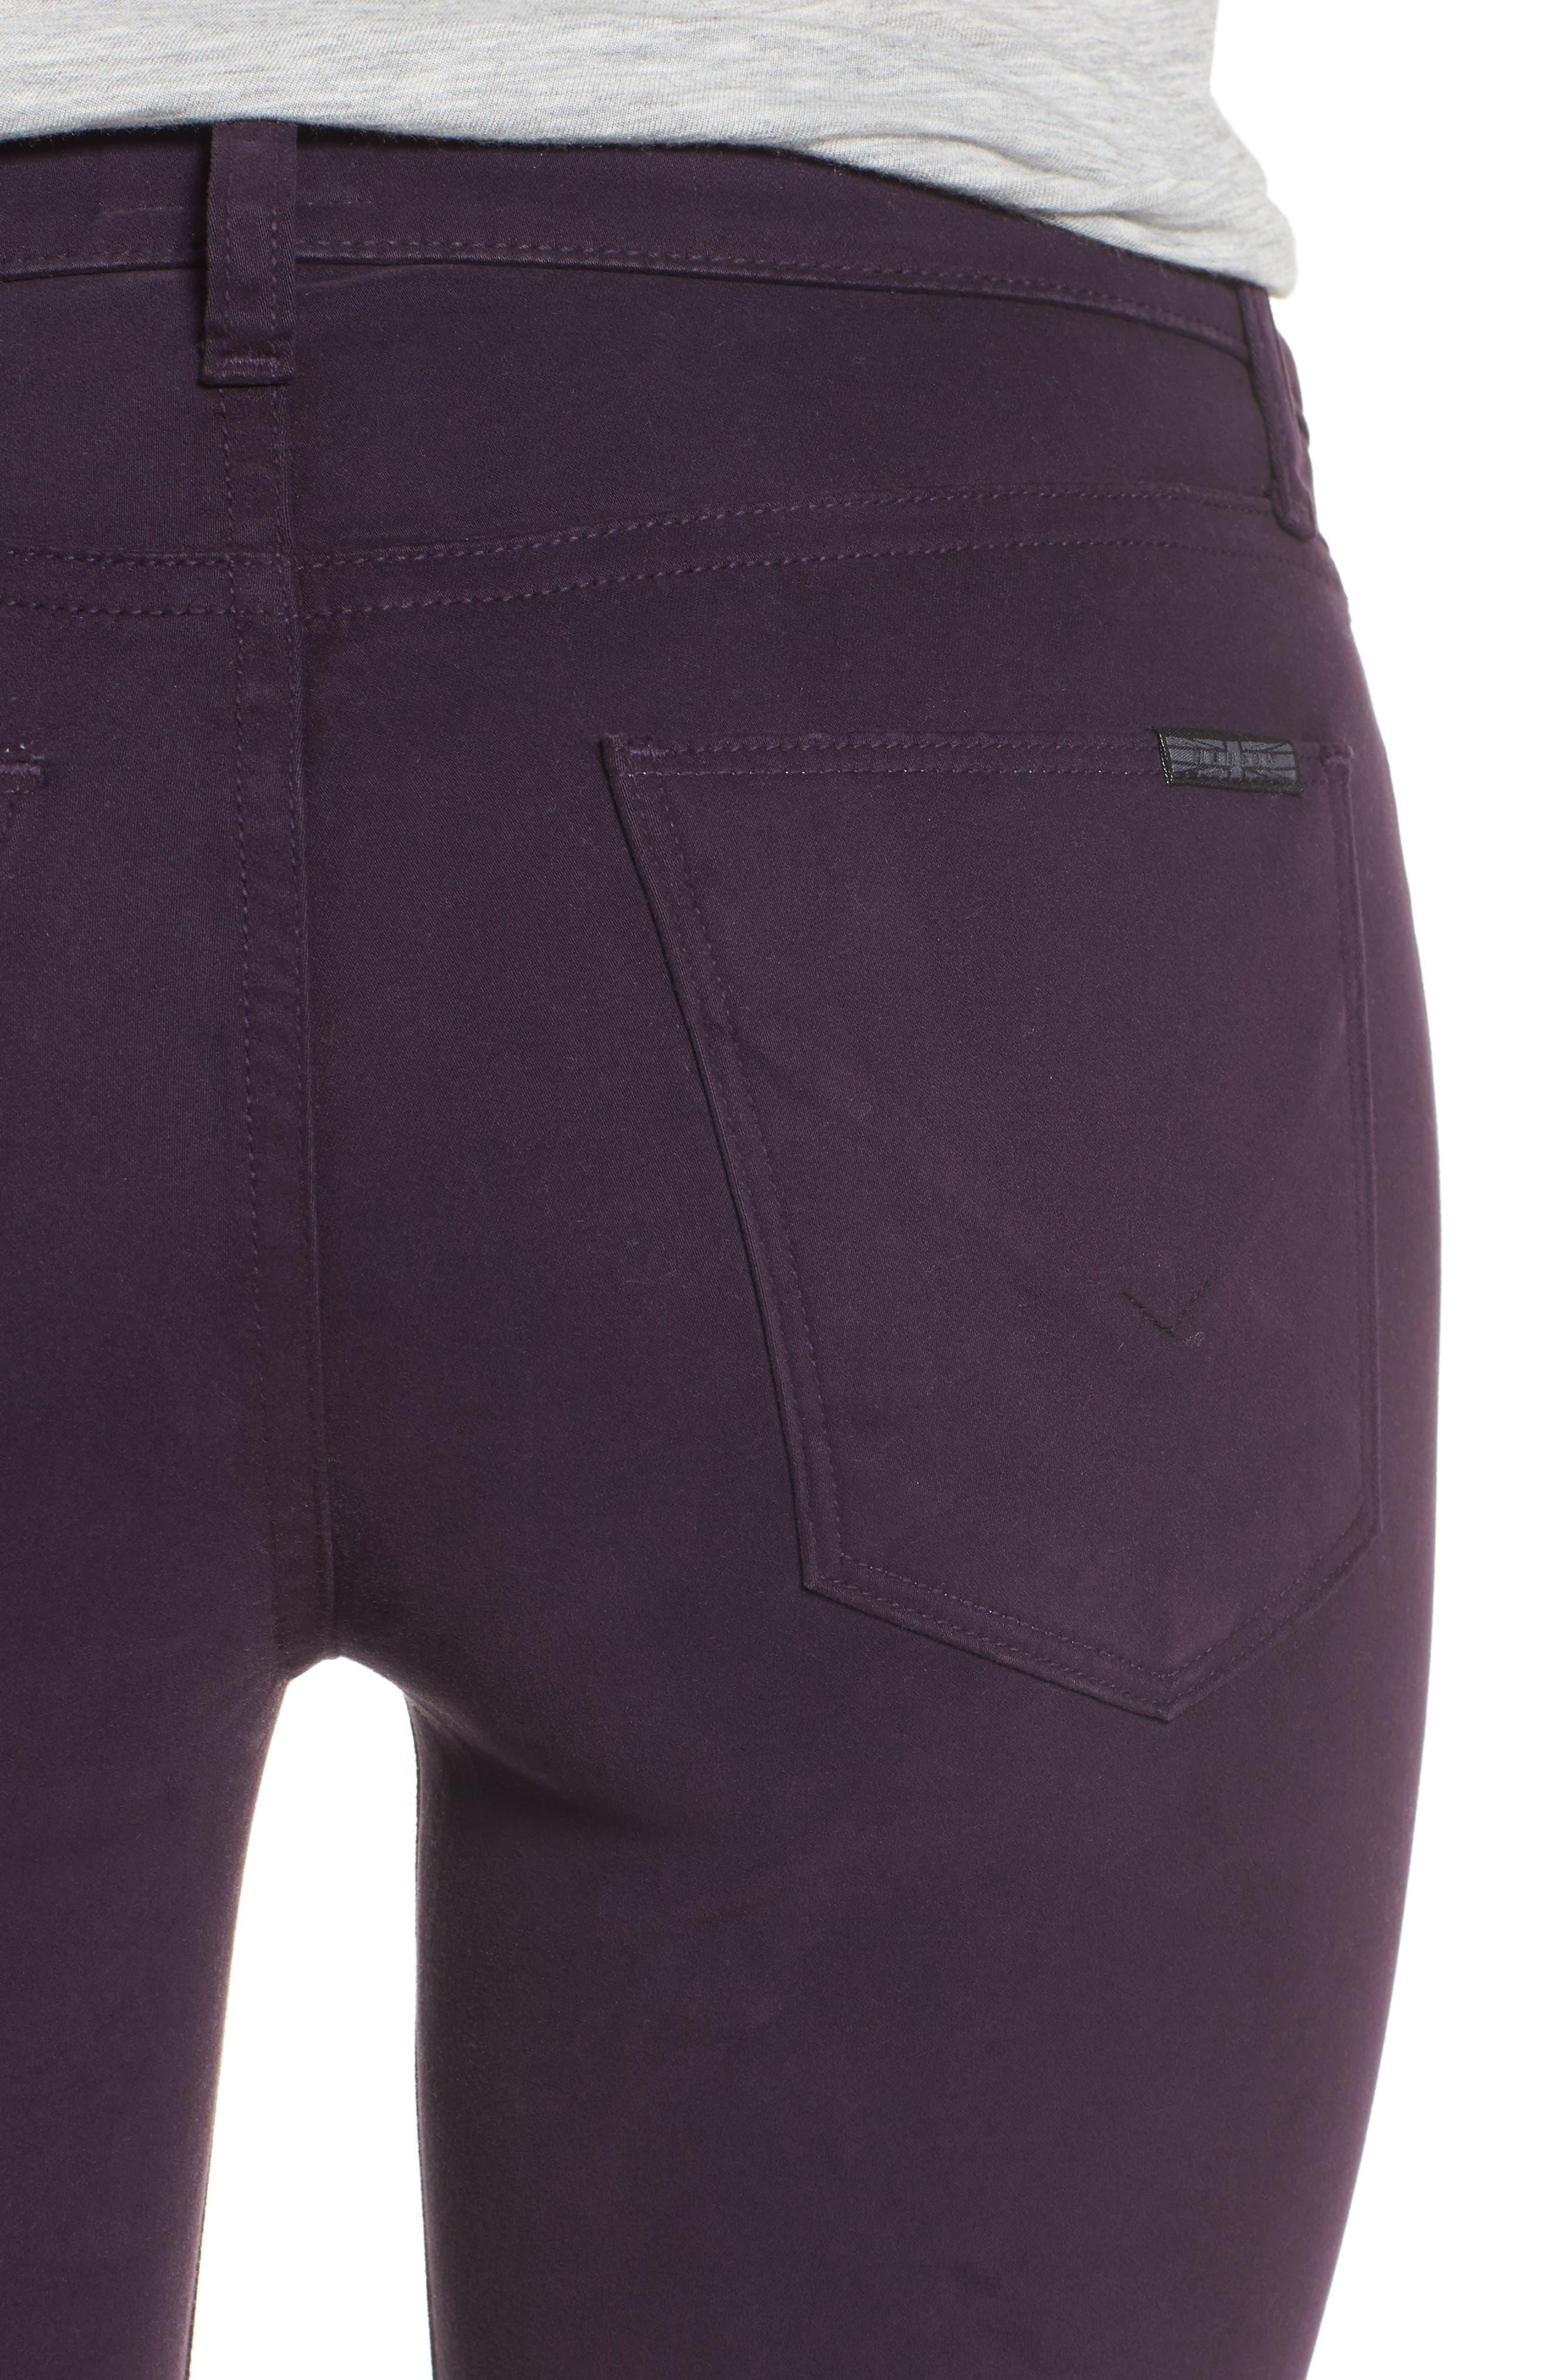 Nico Ankle Skinny Pants,                             Alternate thumbnail 4, color,                             Velvet Plum